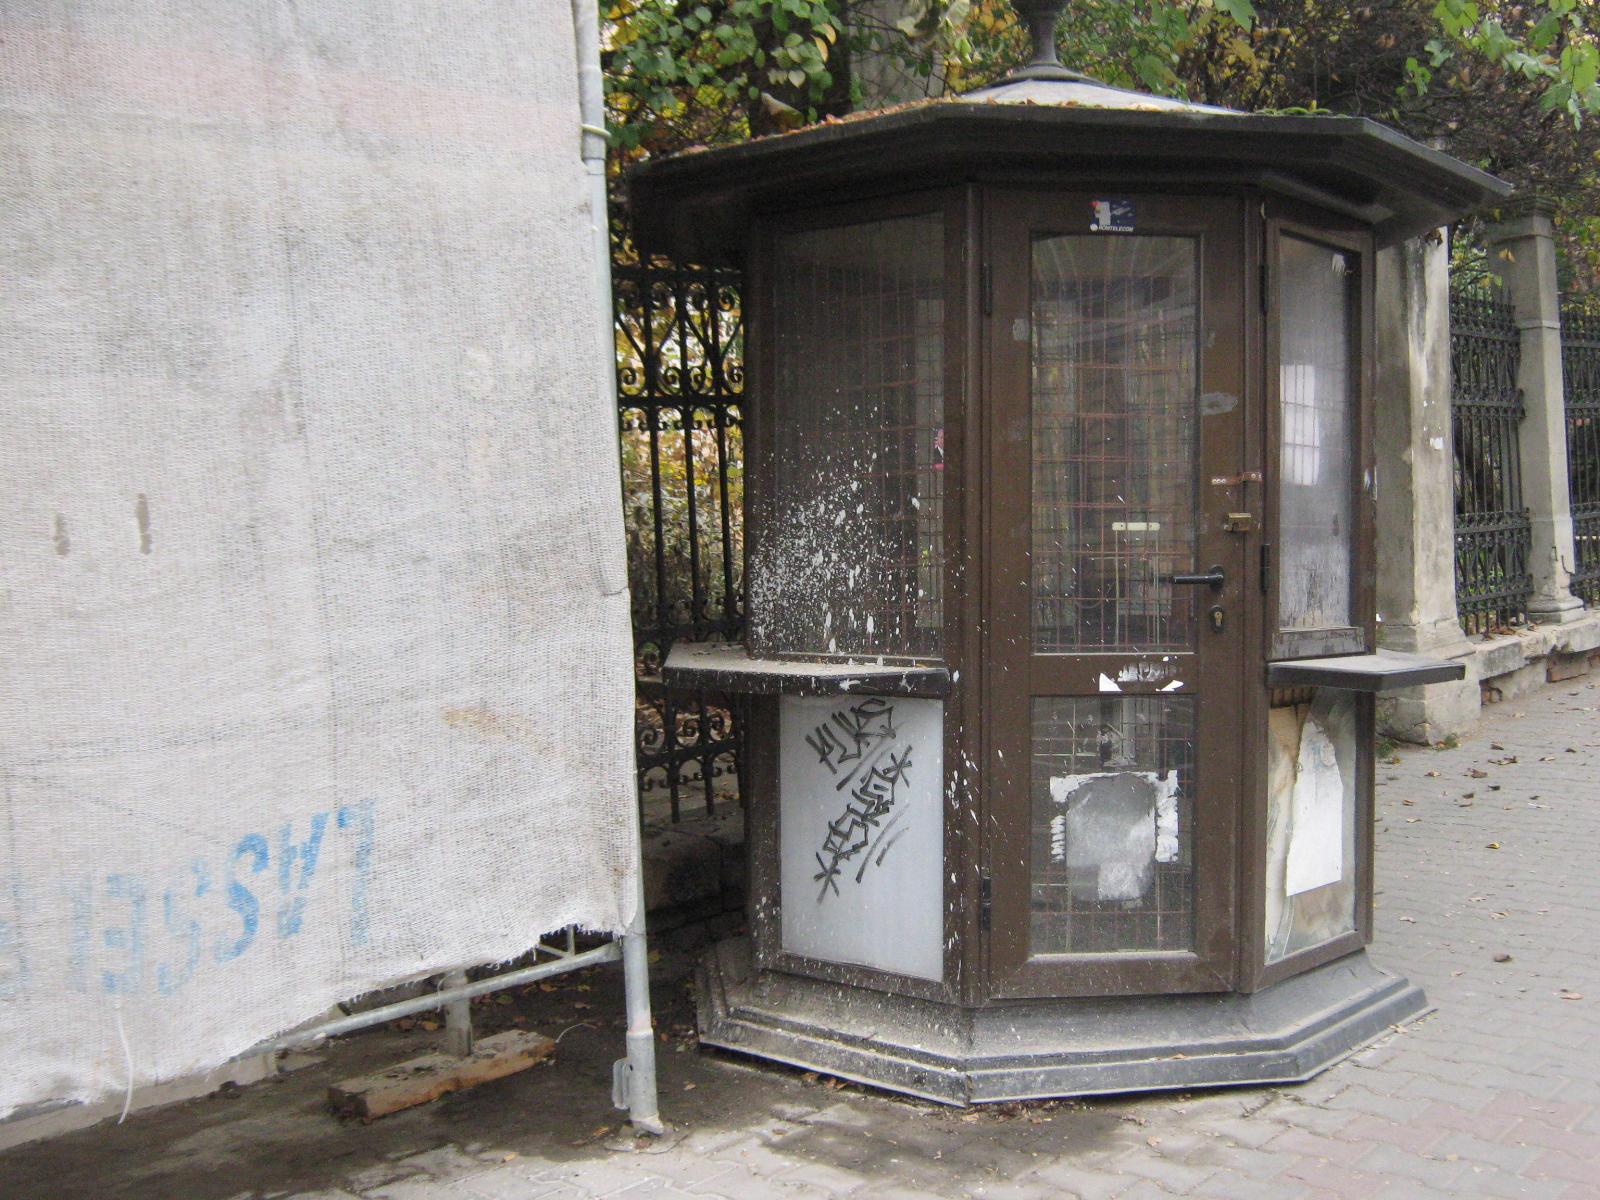 Tonete de ziare abandonate şi cabine telefonice mizerabile zac în centrul oraşului. FOTO